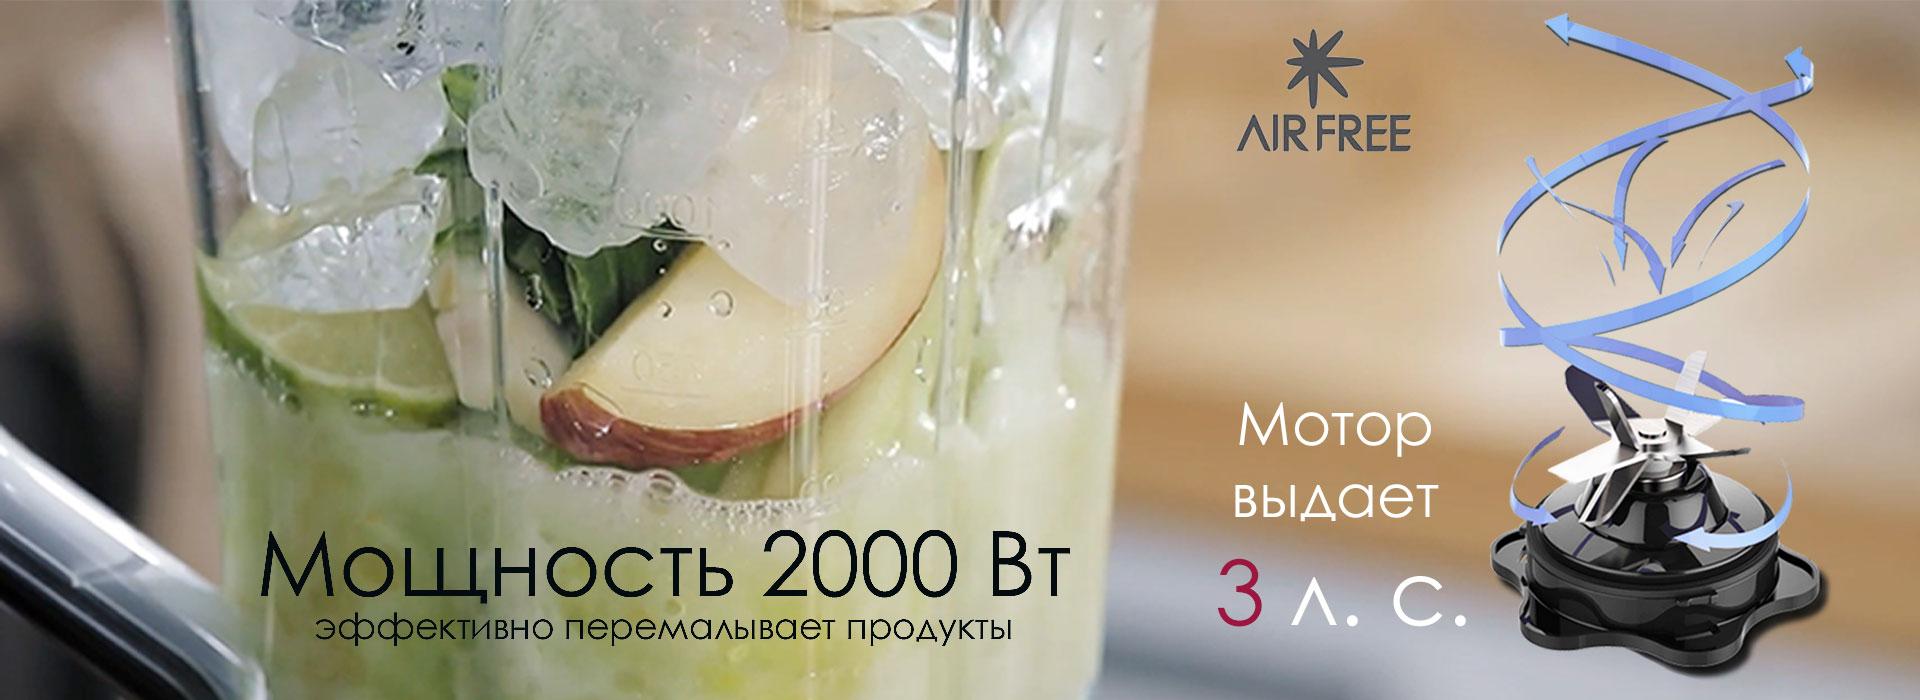 Невероятная мощность блендера AirFree A9 составляет 3 л. с.